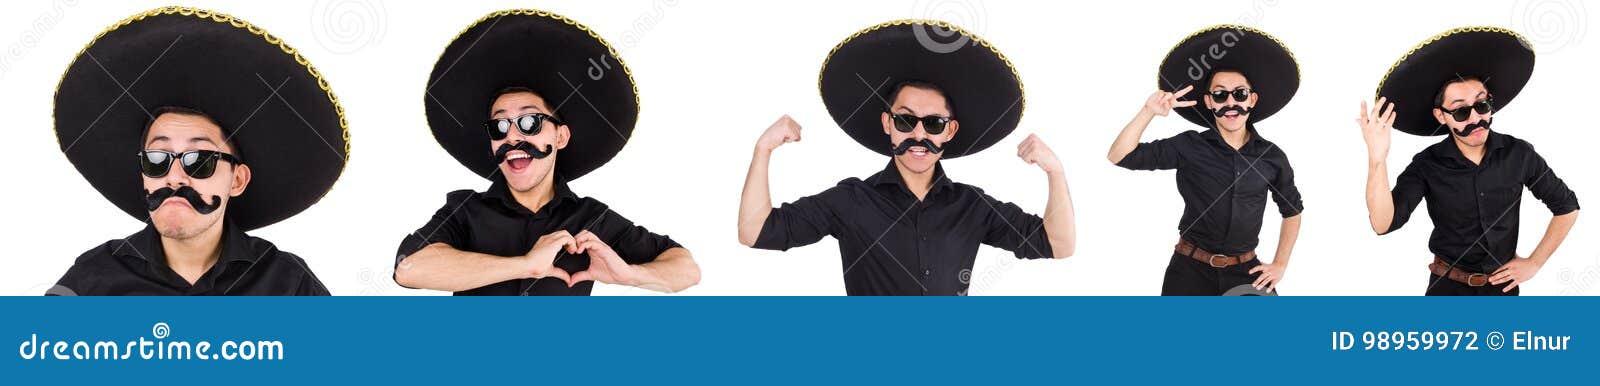 Το αστείο άτομο το μεξικάνικο καπέλο σομπρέρο που απομονώνεται που φορά στο λευκό